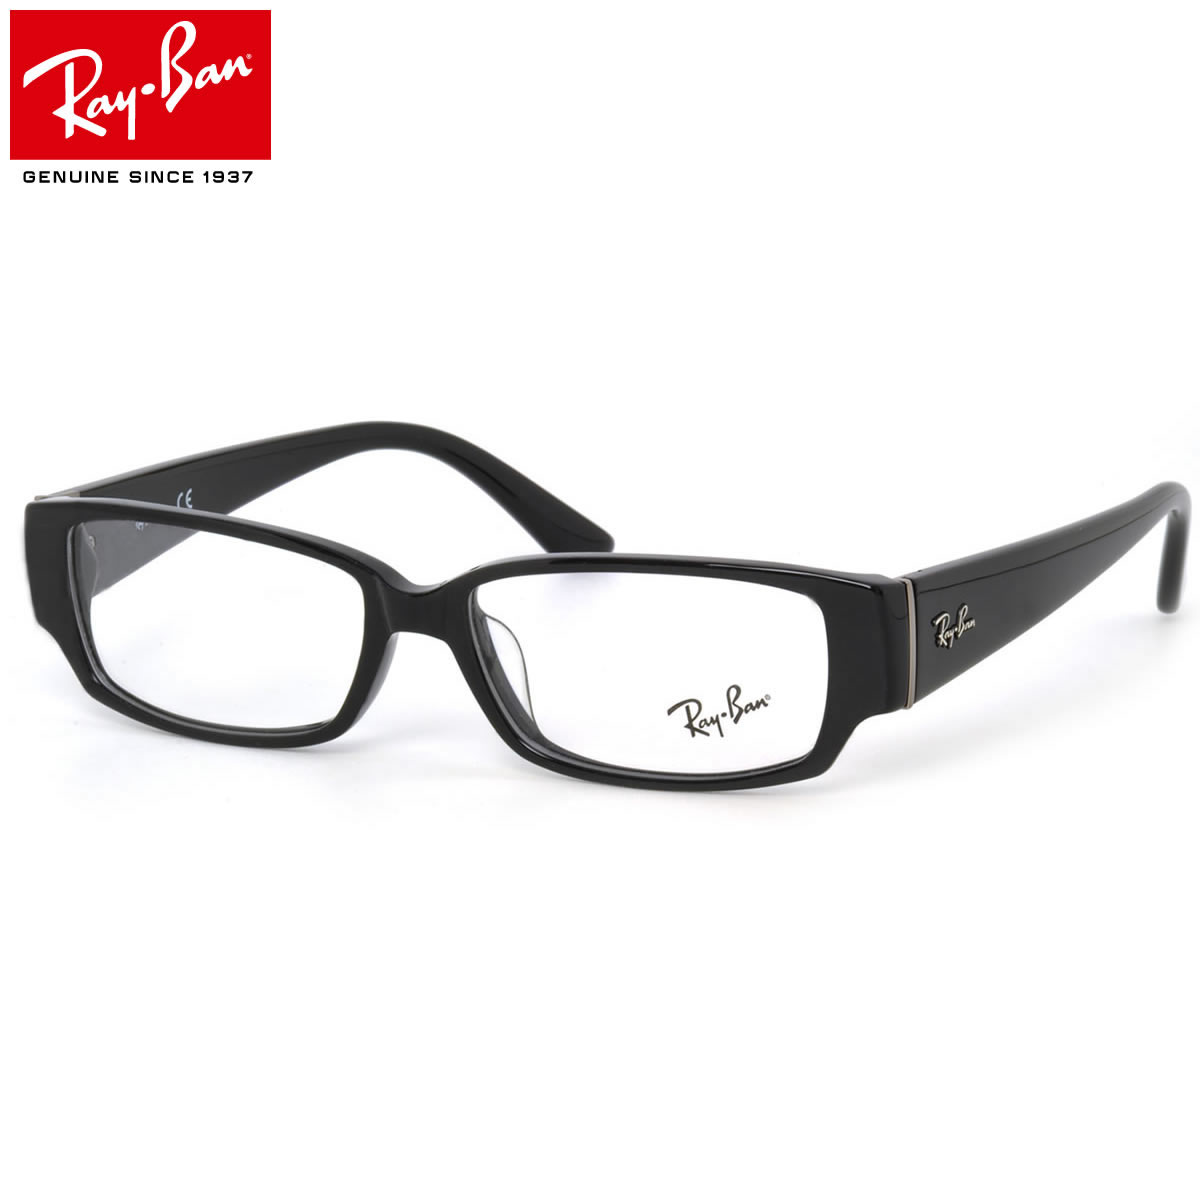 ほぼ全品ポイント15倍~最大43倍+3倍!お得なクーポンも! レイバン メガネ フレーム Ray-Ban RX5250 5114 54サイズ 伊達メガネ フレーム 度付き レイバン RAYBAN メンズ レディース